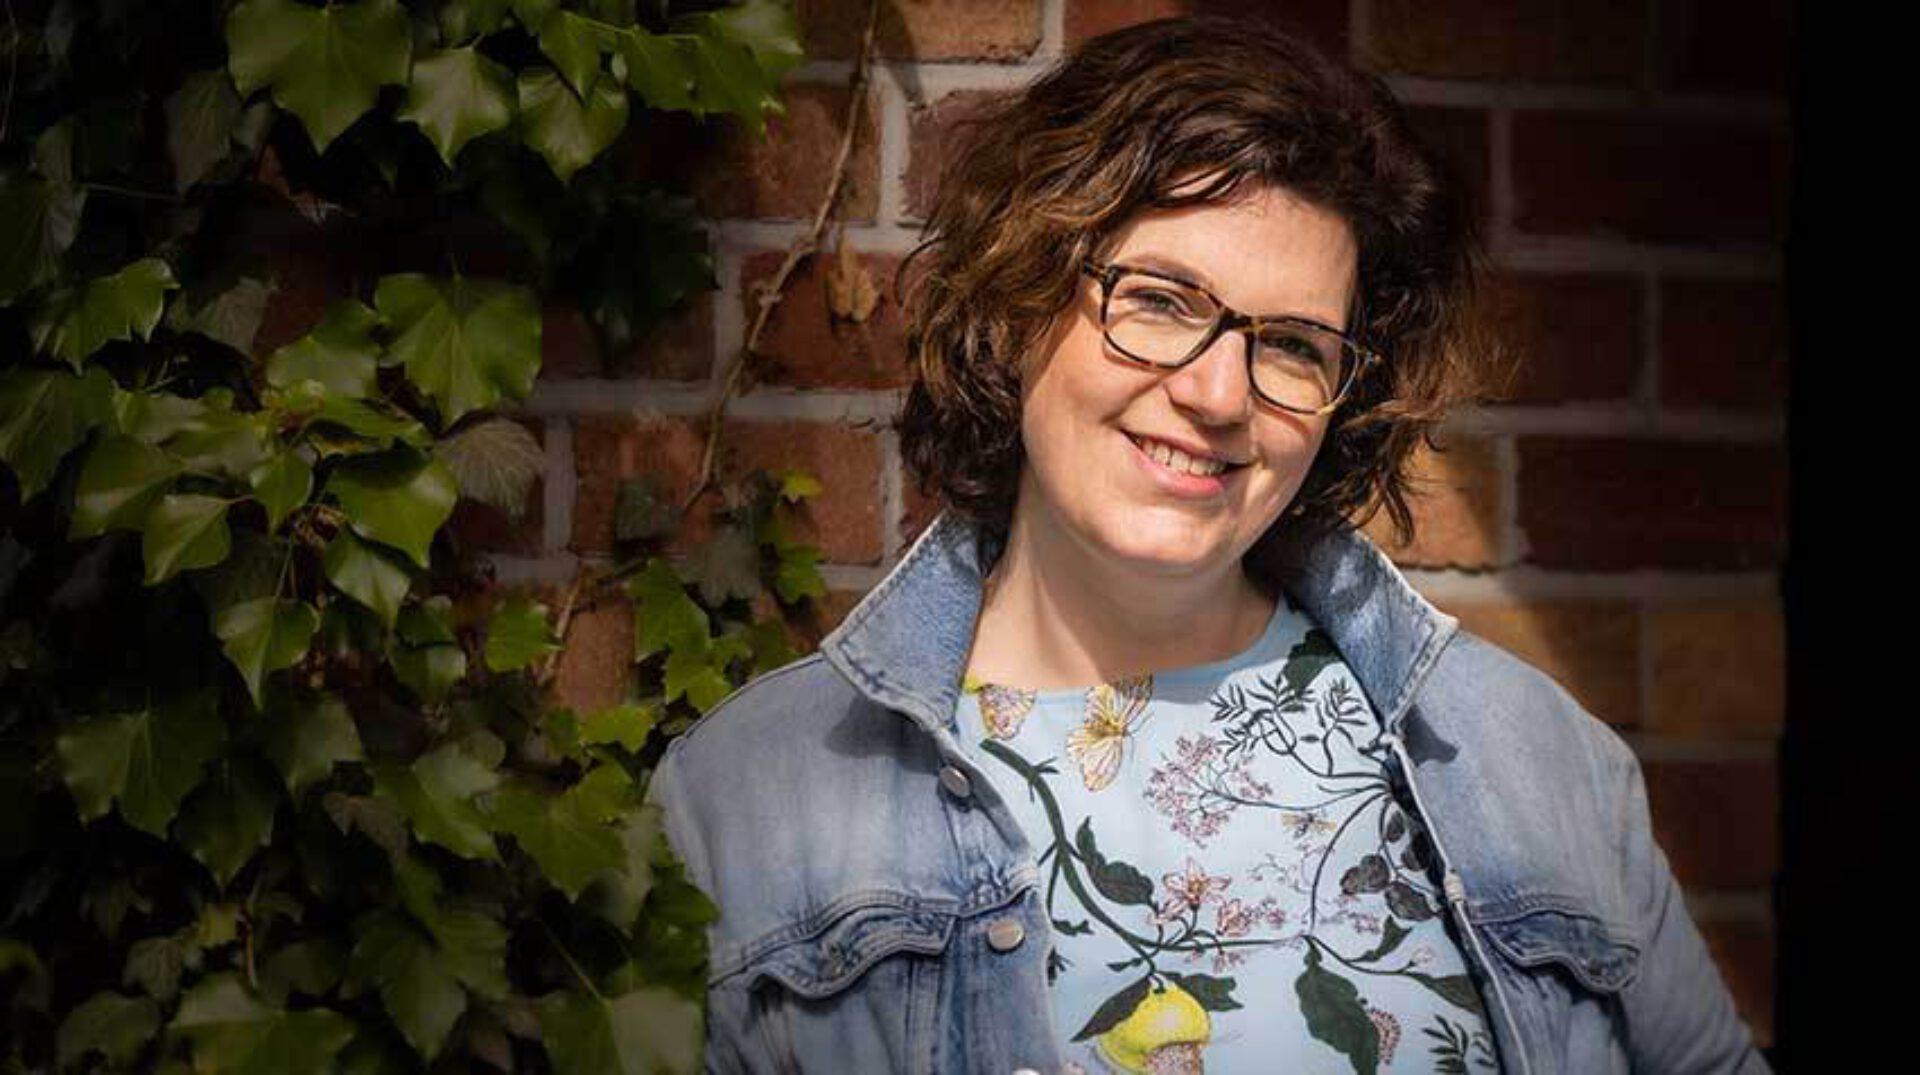 Nina Mouton & haar zachtmoedig maar doortastend pleidooi voor mild ouderschap